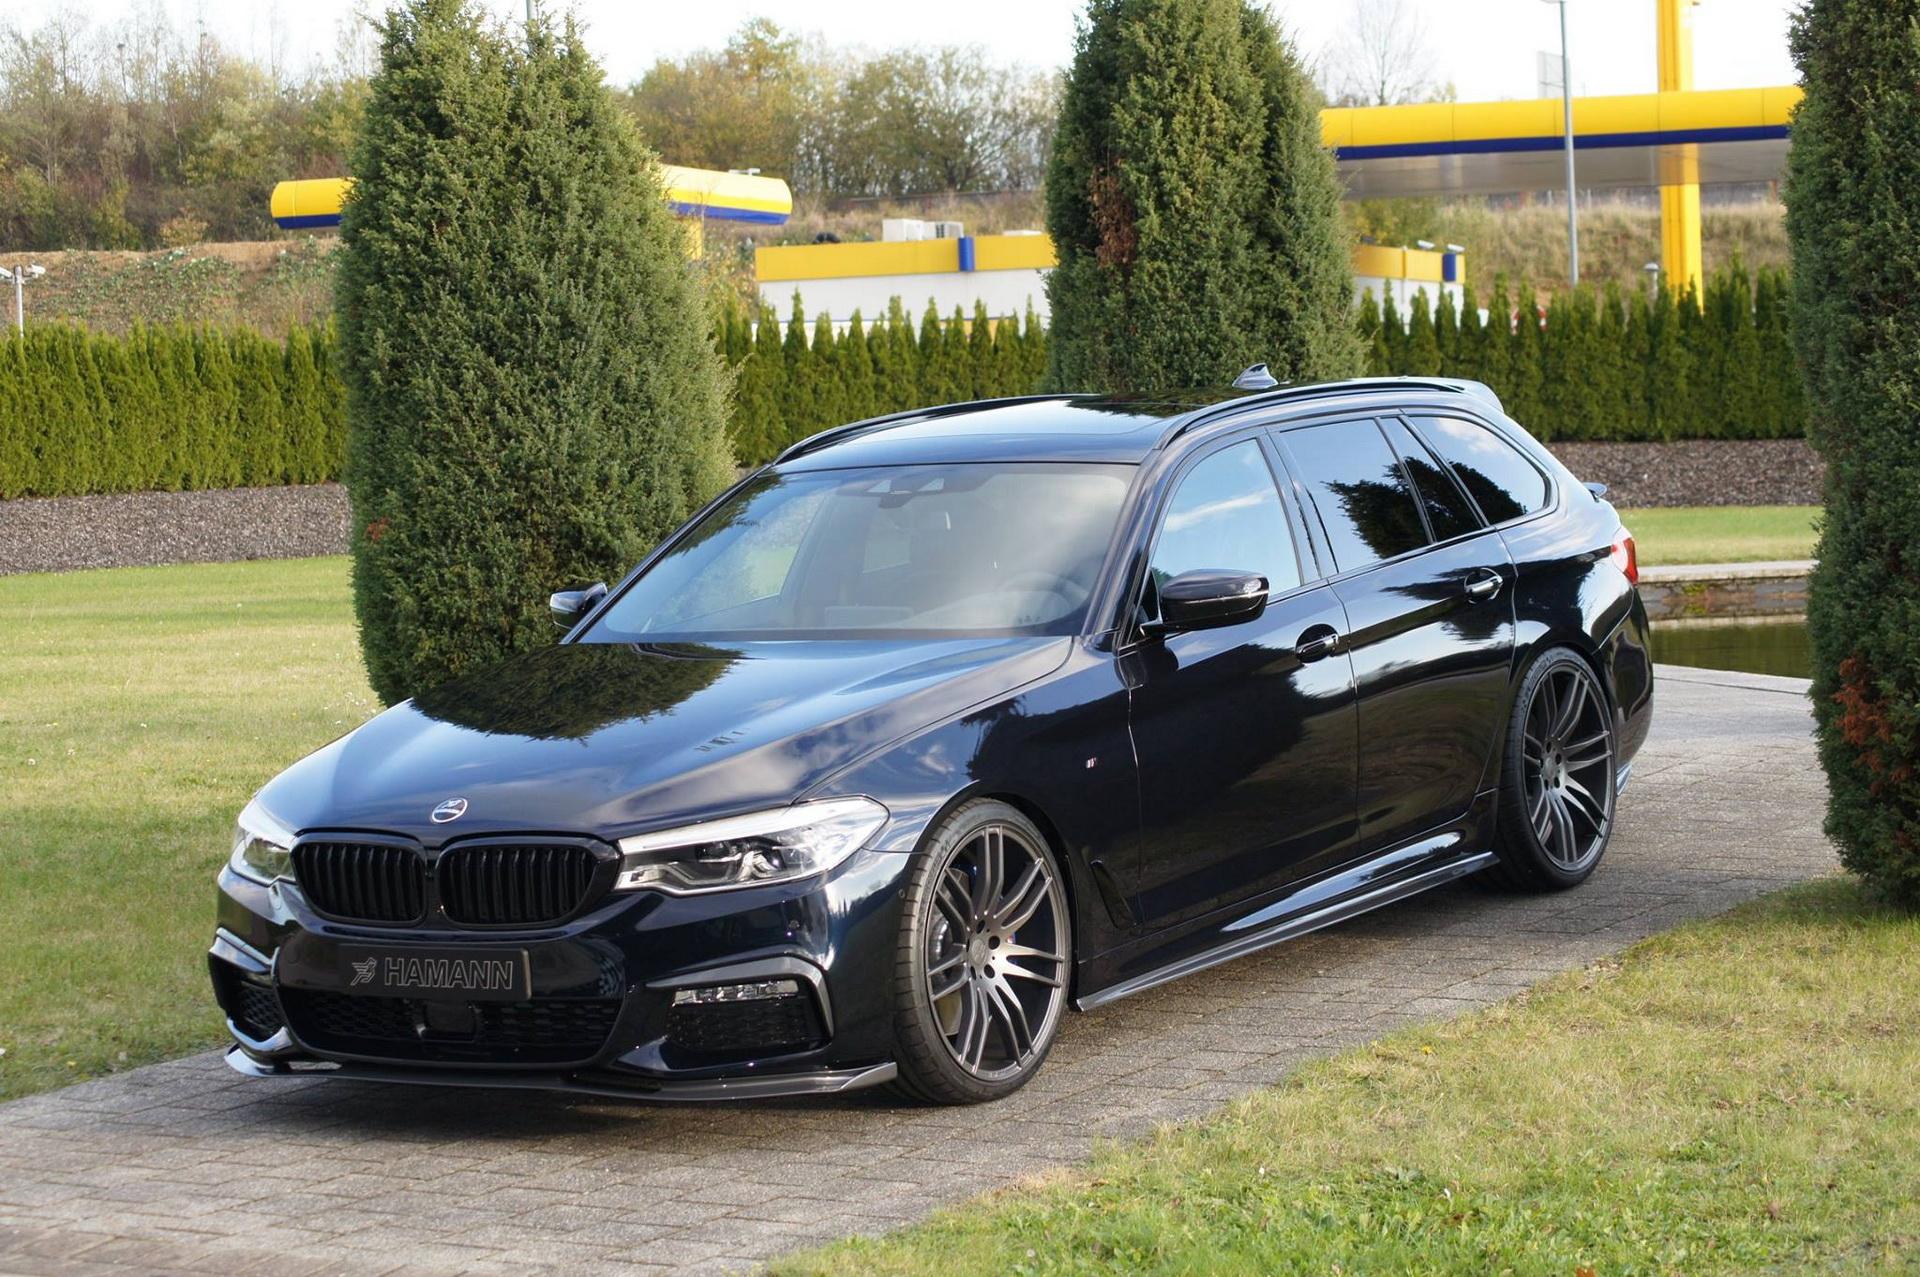 Hamann BMW 540i Touring